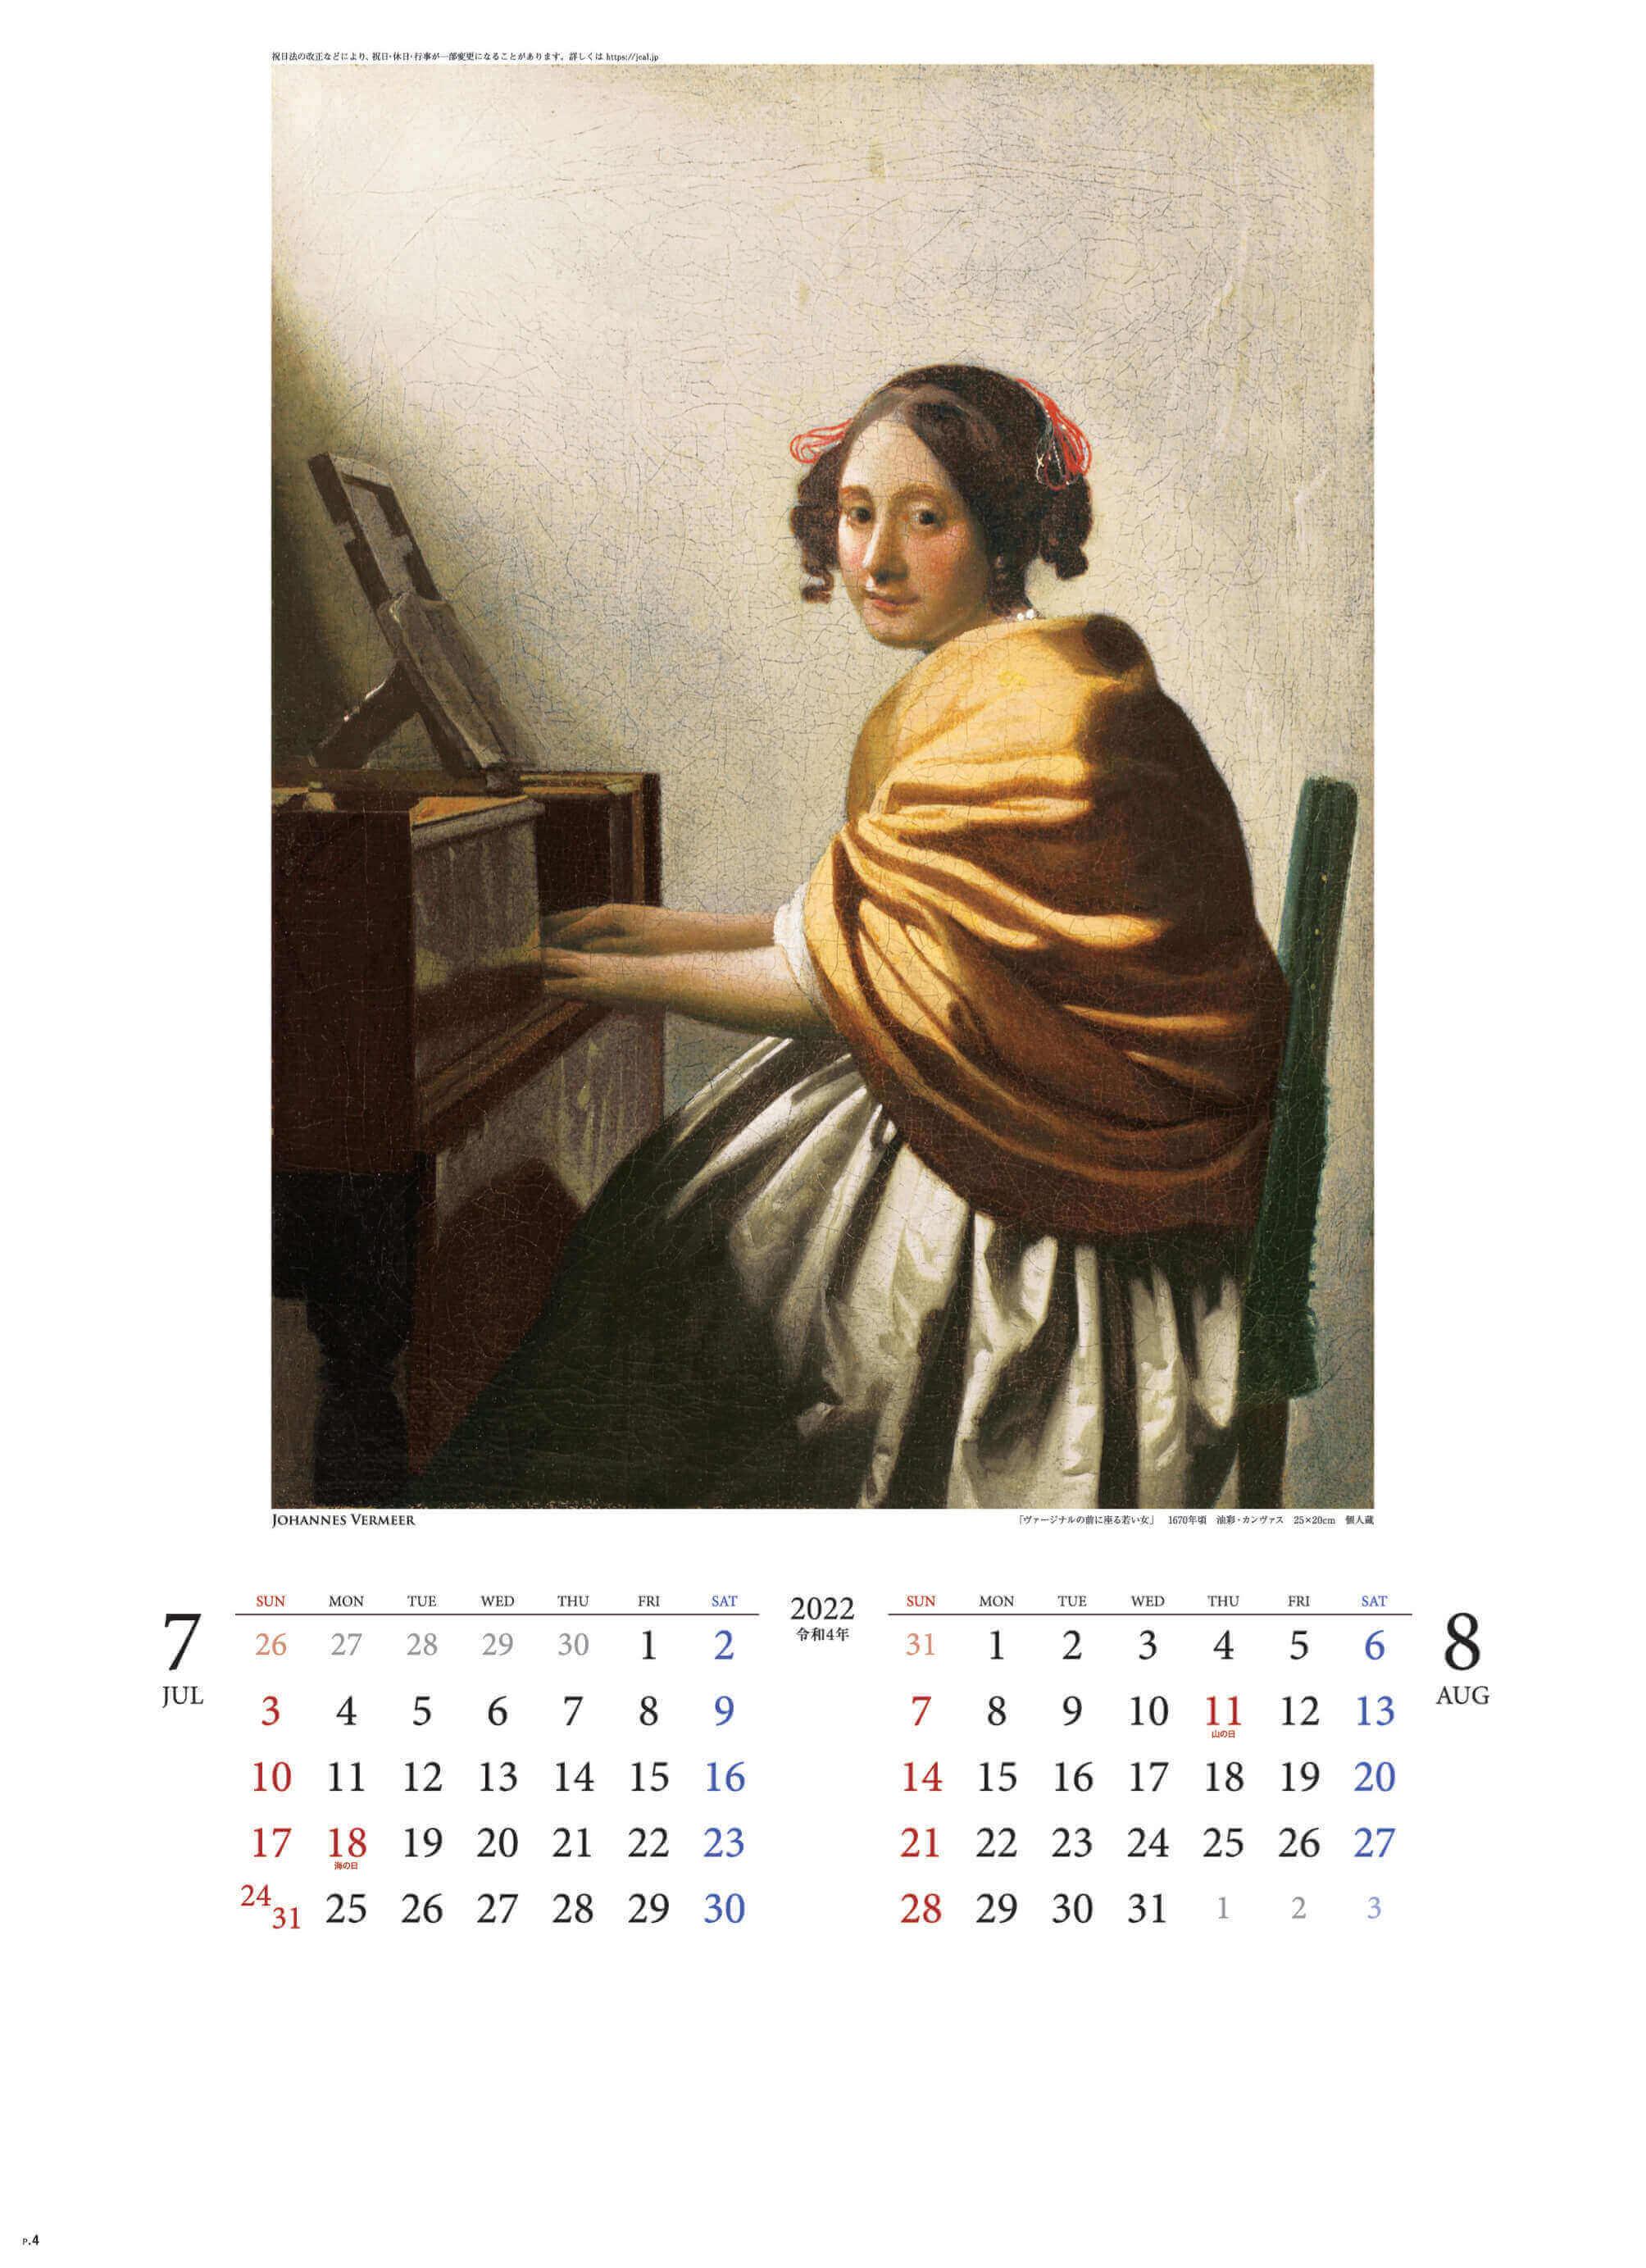 7-8月 ヴァージナルの前に座る若い女 フェルメール 2022年カレンダーの画像